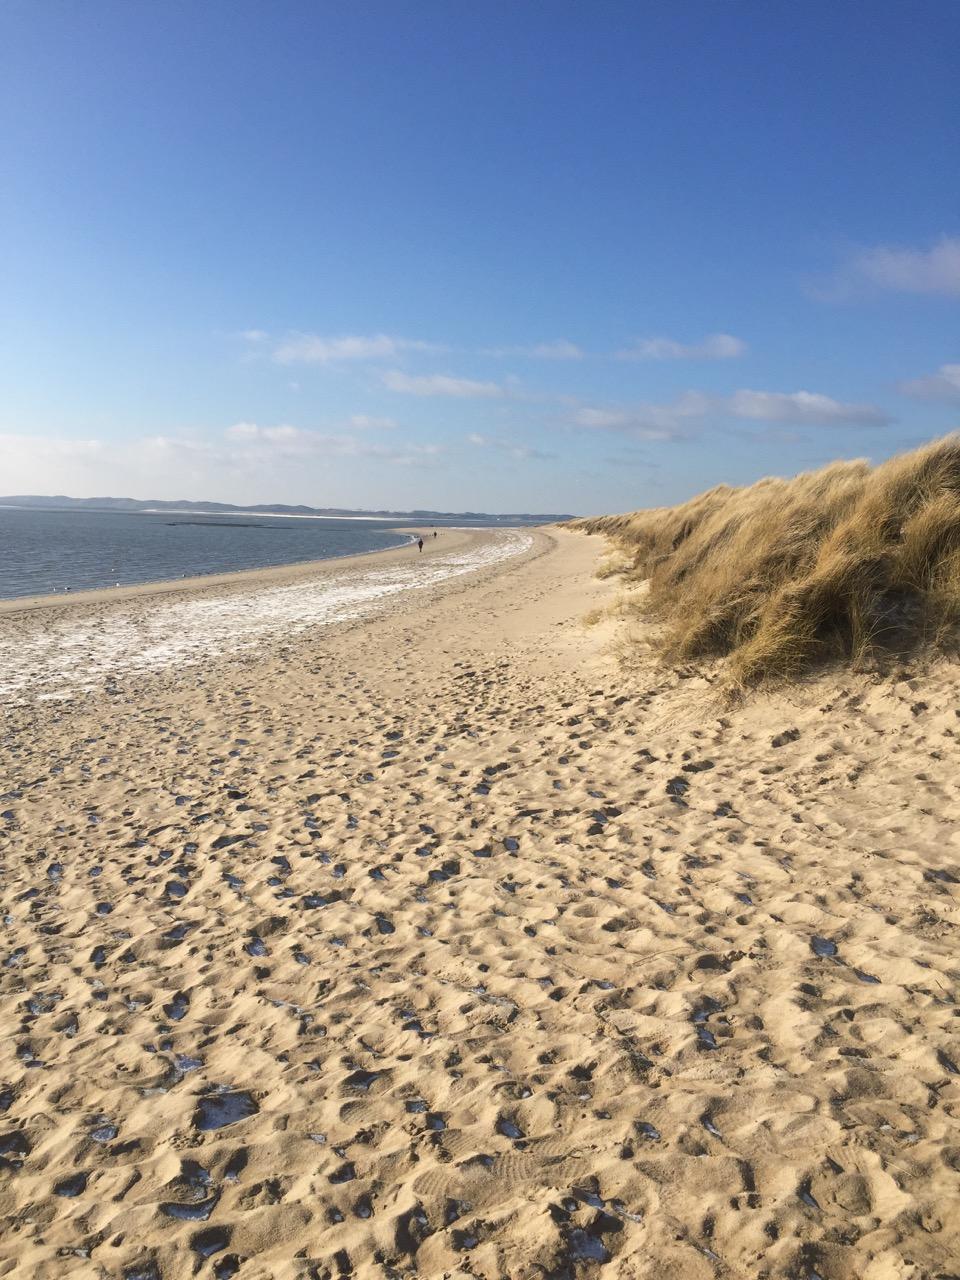 Die Schminktante verreist nach Sylt und bricht mit allen Klischees. Urlaub an der Nordsee und warum es gut tut, die Komfortzone zu verlassen.